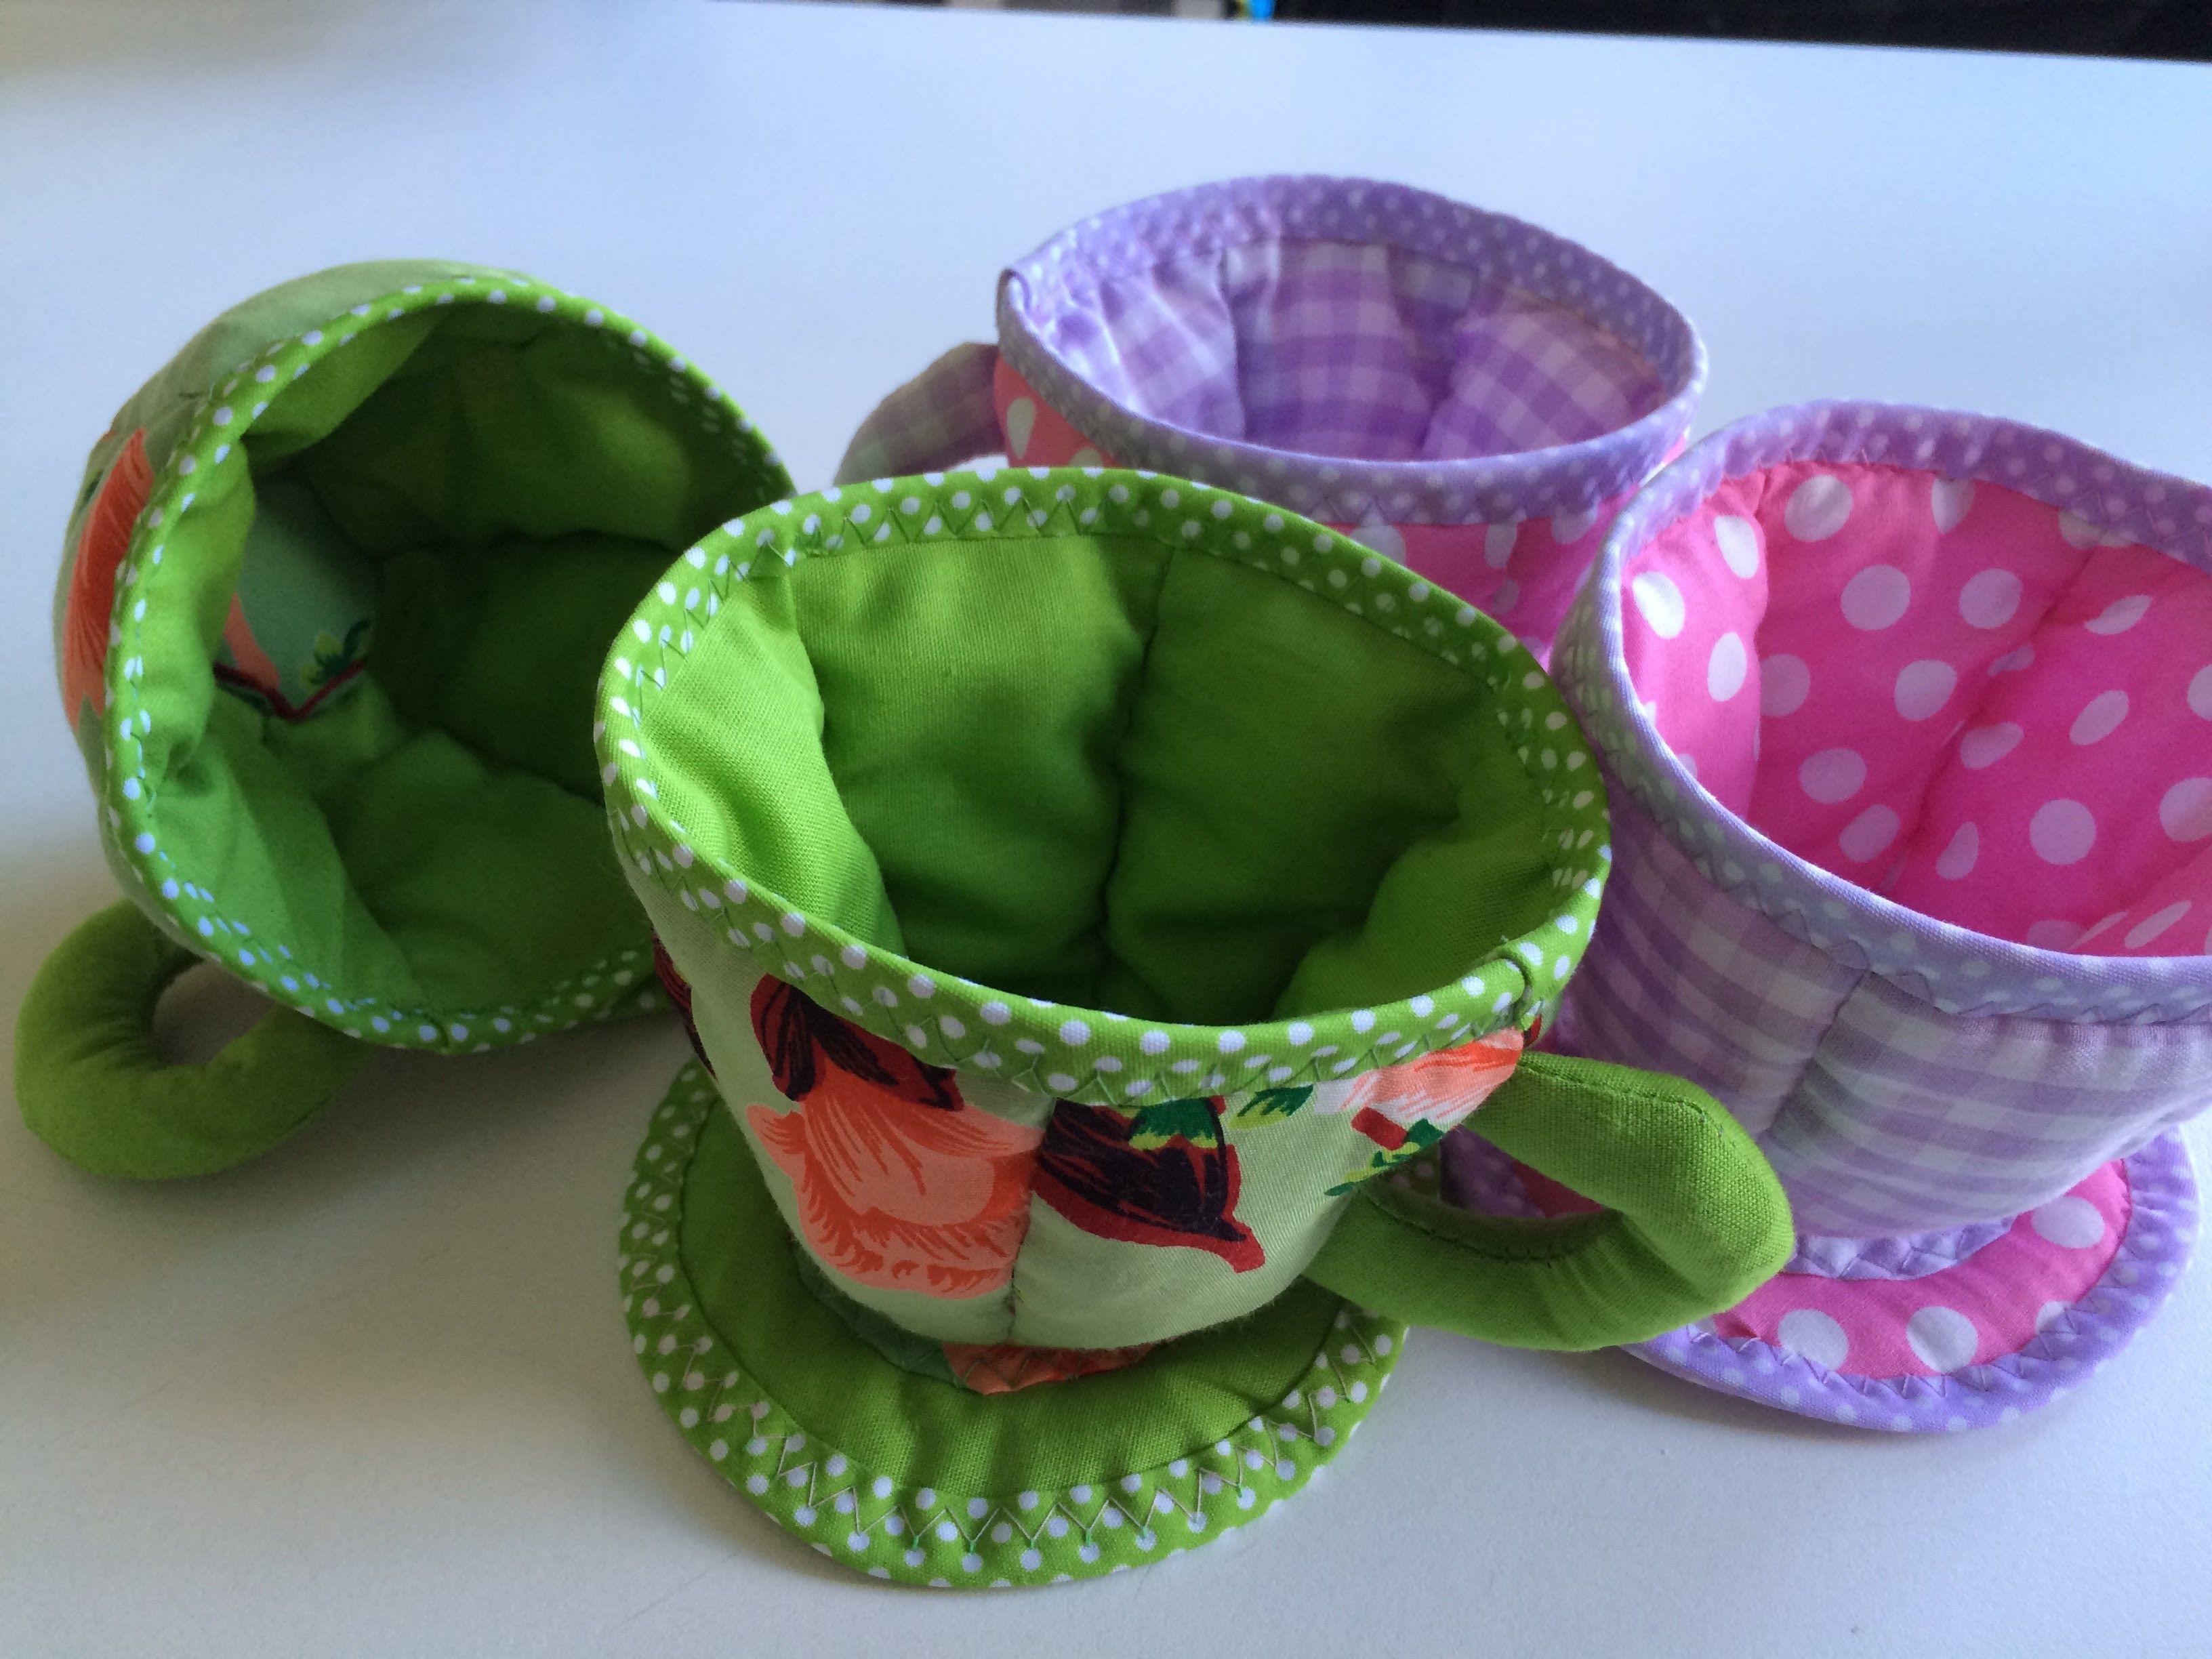 Всем привет! В этом МК я хочу поделиться с вами моим опытом в пошиве текстильной посудки, а точнее чашки. Текстильное блюдце вы найдете здесь: https://www.yo...